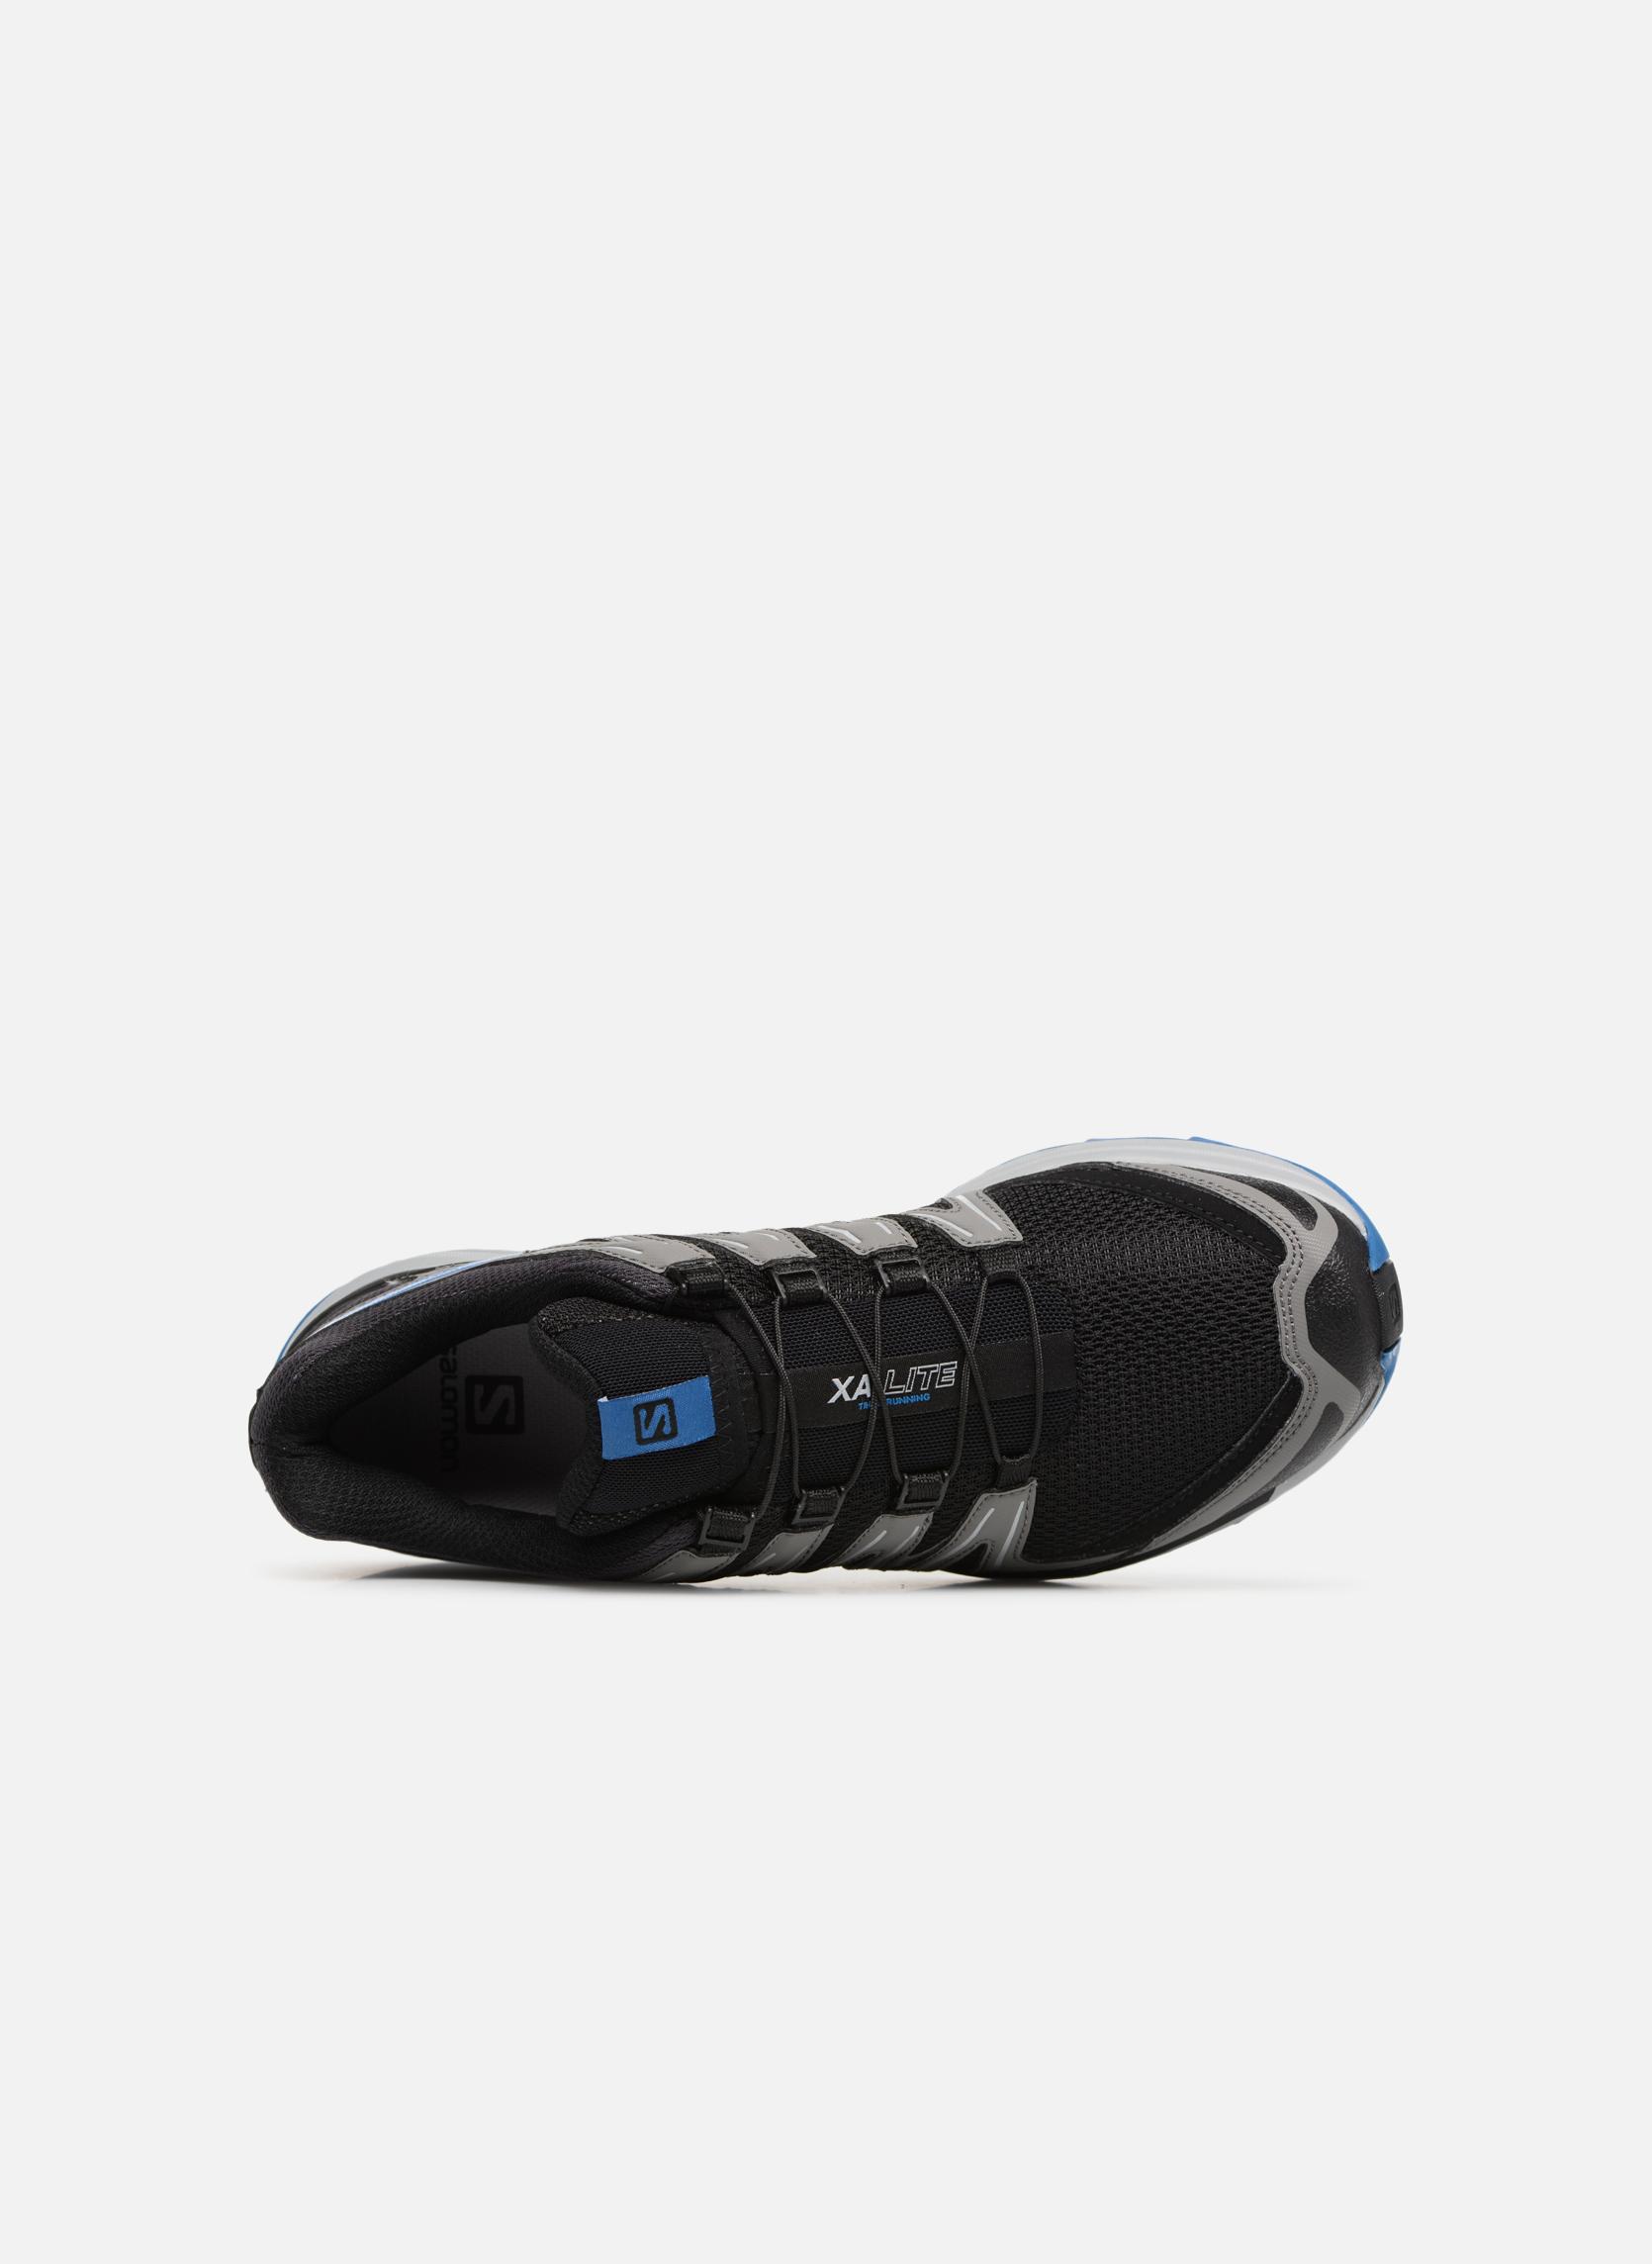 Chaussures de sport Salomon Xa Lite Noir vue gauche